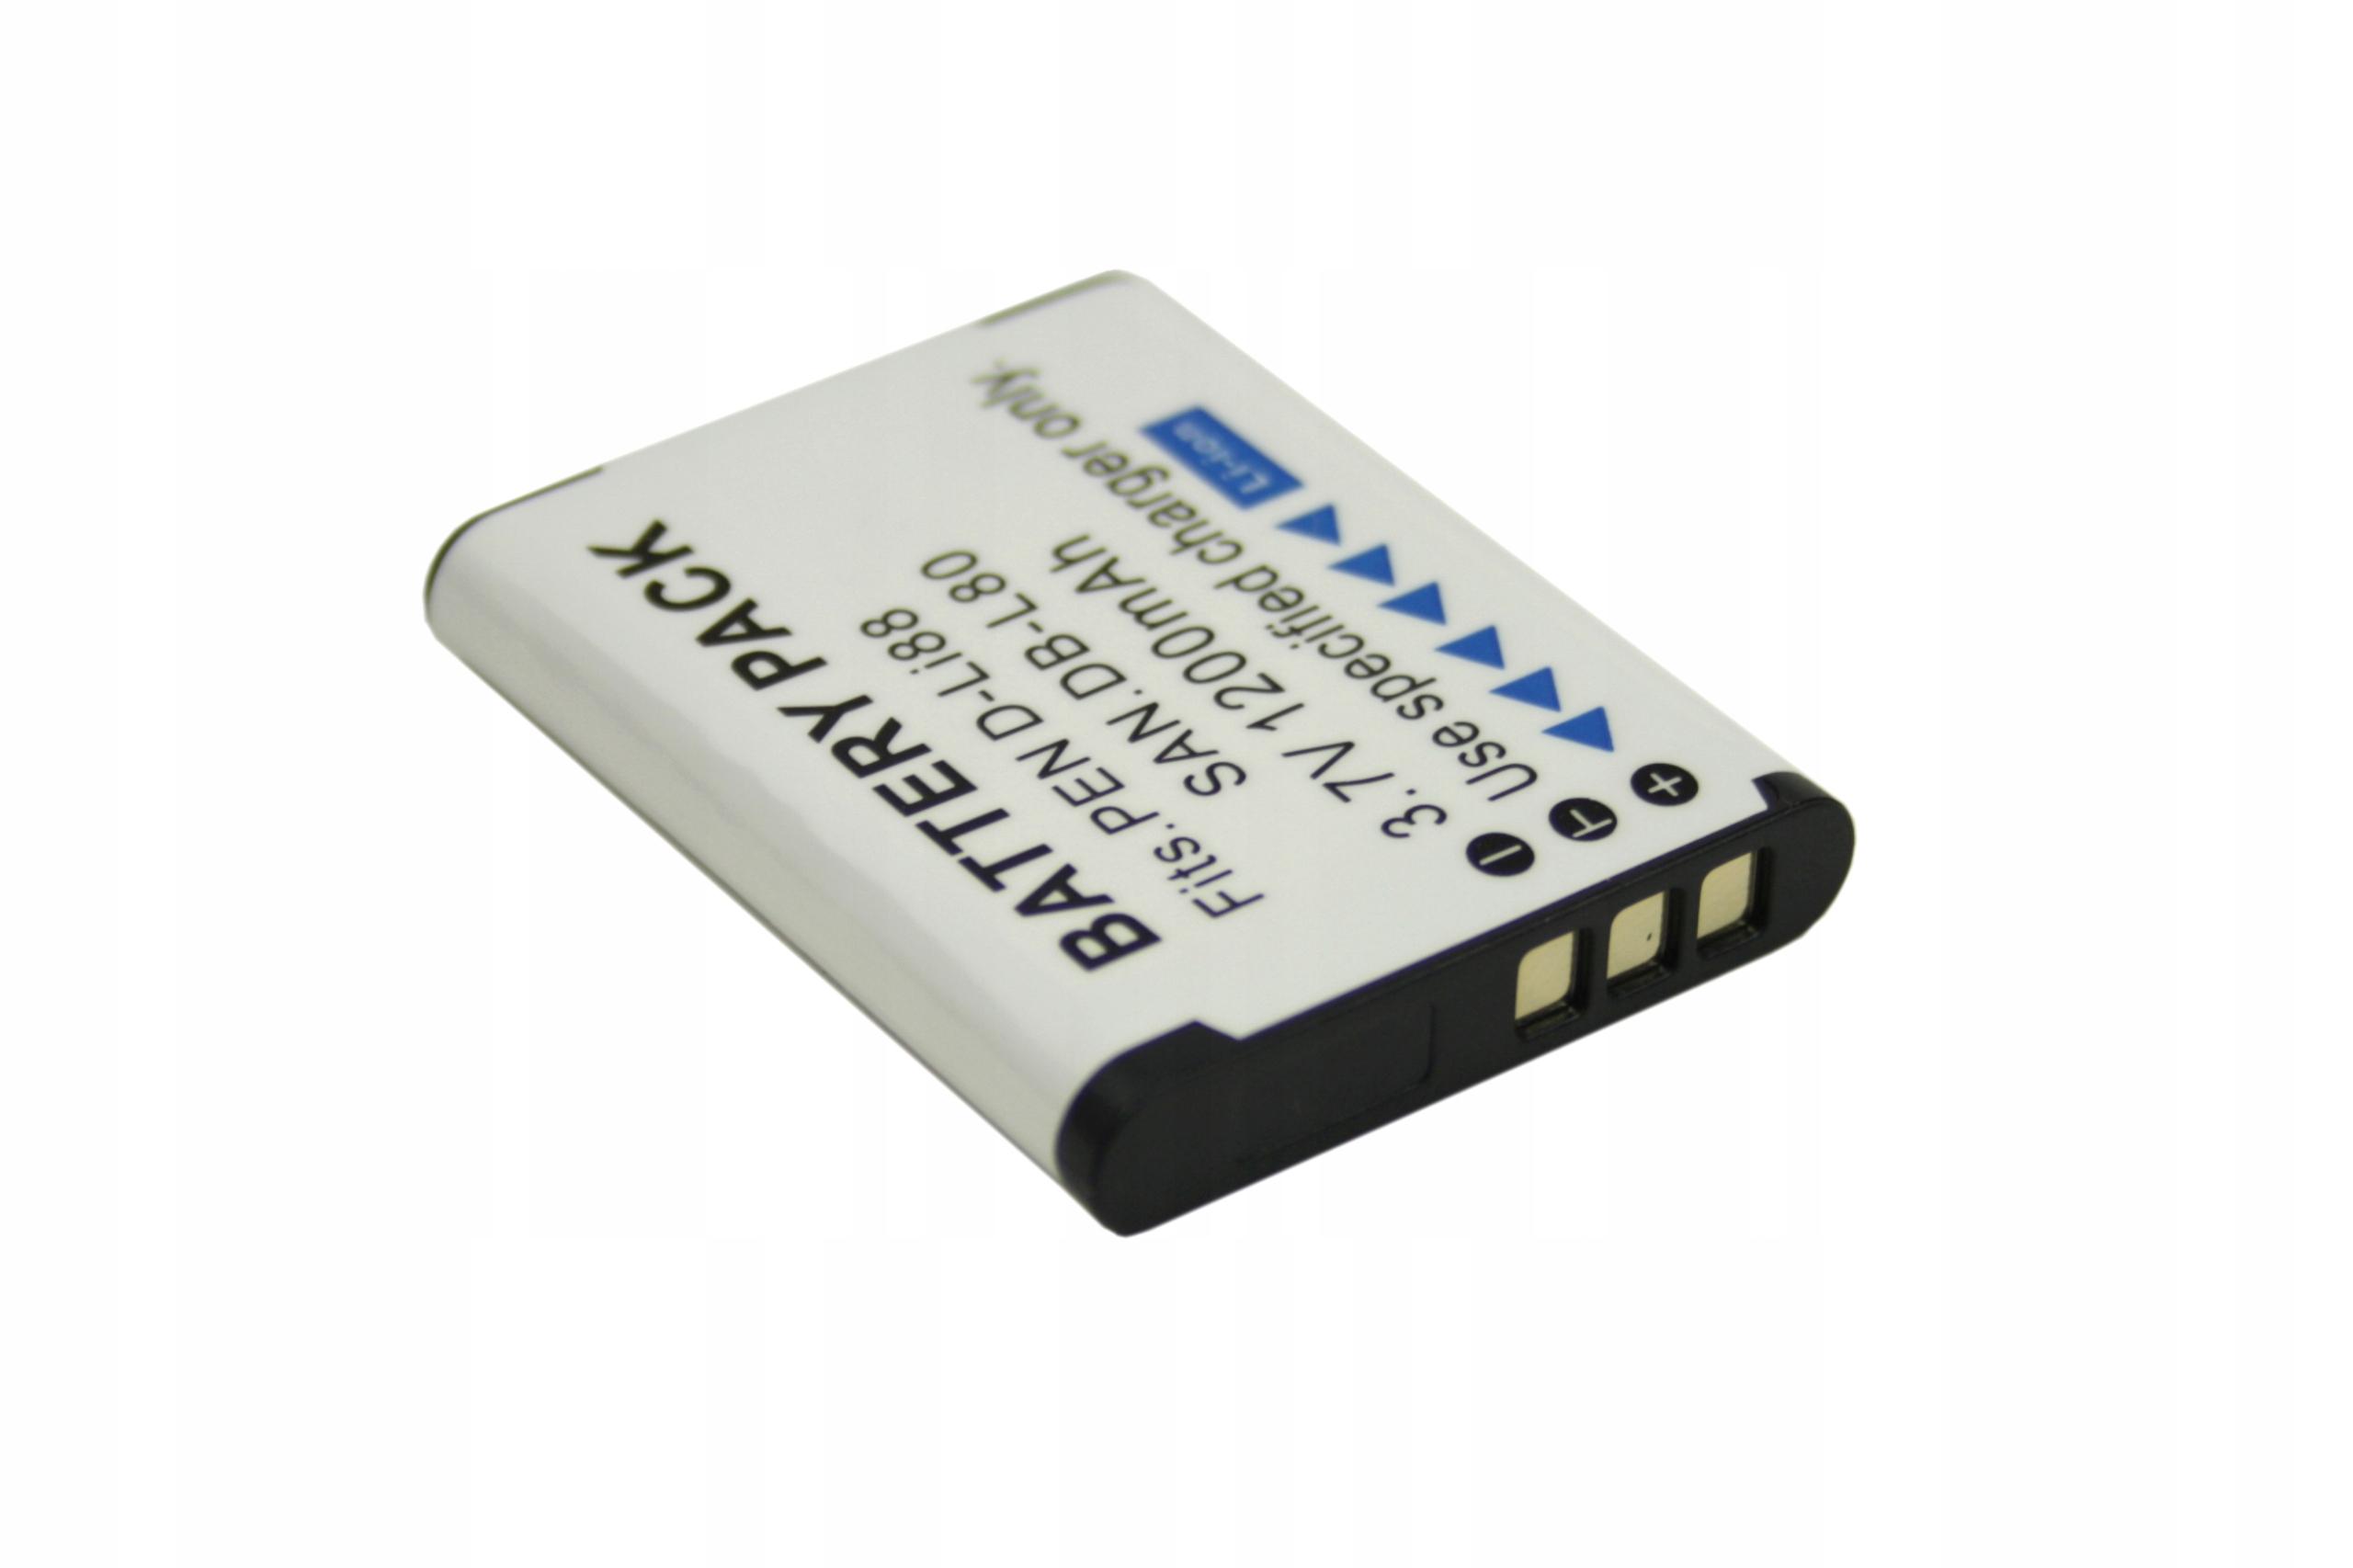 BATERIA TOSHIBA PX1686 CAMILEO SX900 SX500 BW10 PENTAX OPTIO P7 H90 W90 SANYO XACTI 1200MAH - Baterie do aparatów cyfrowych